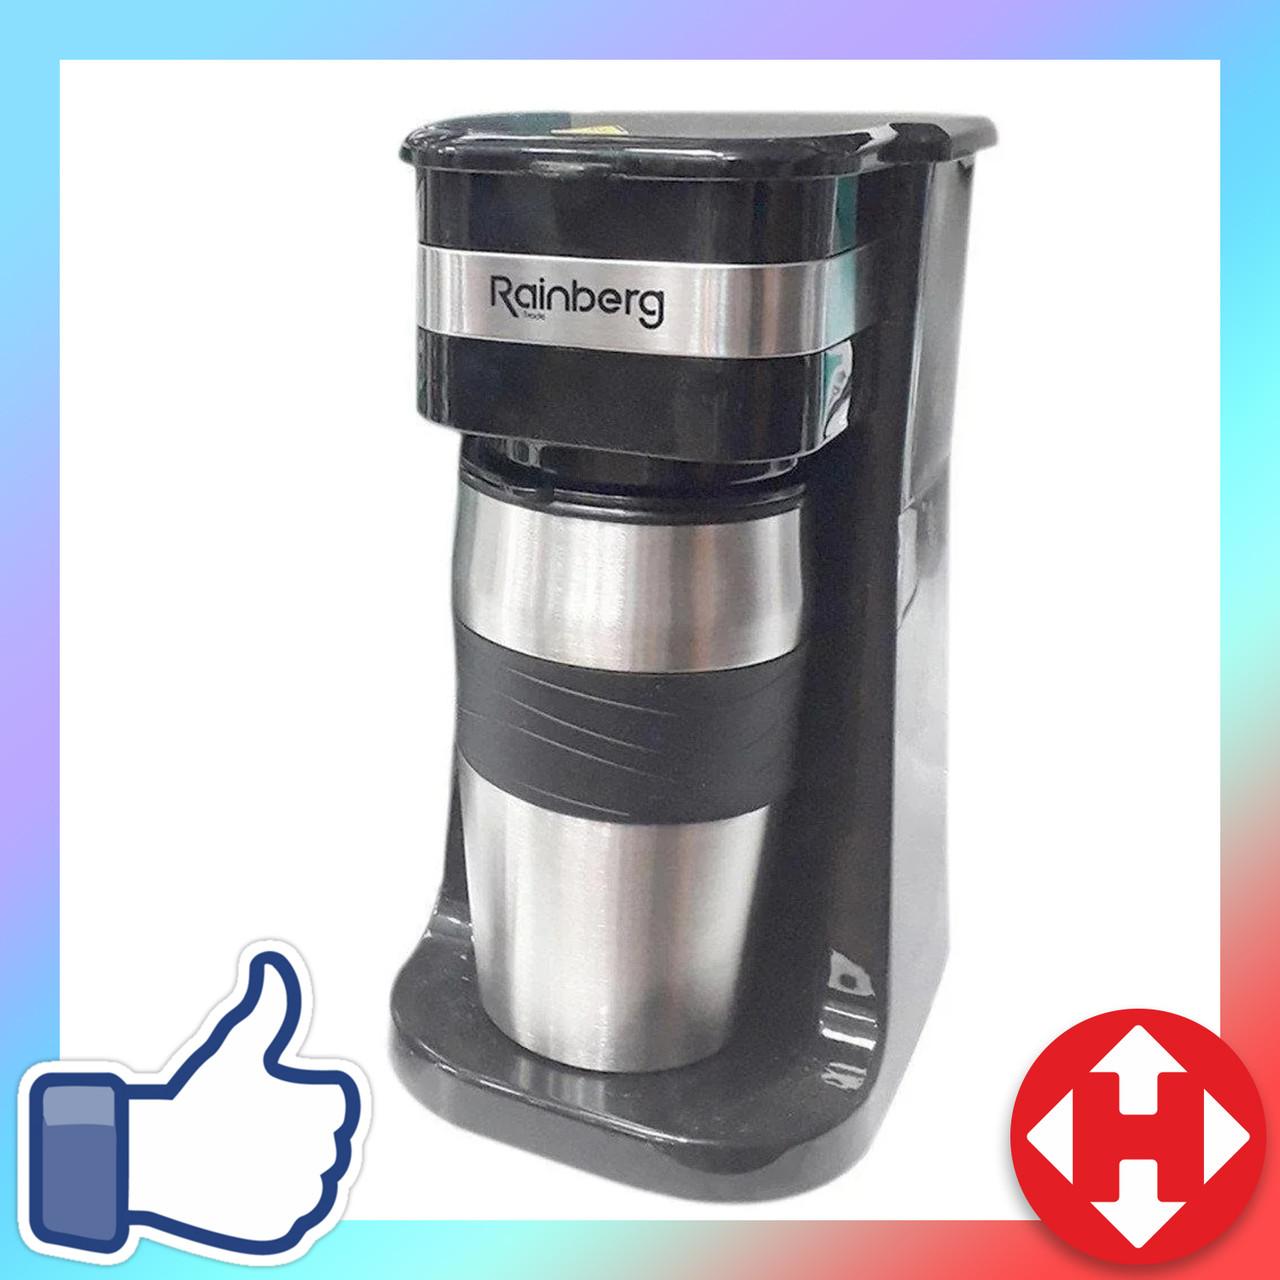 Капельная электрическая кофеварка Rainberg RB-611 электрокофеварка для дома (крапельна кавоварка)